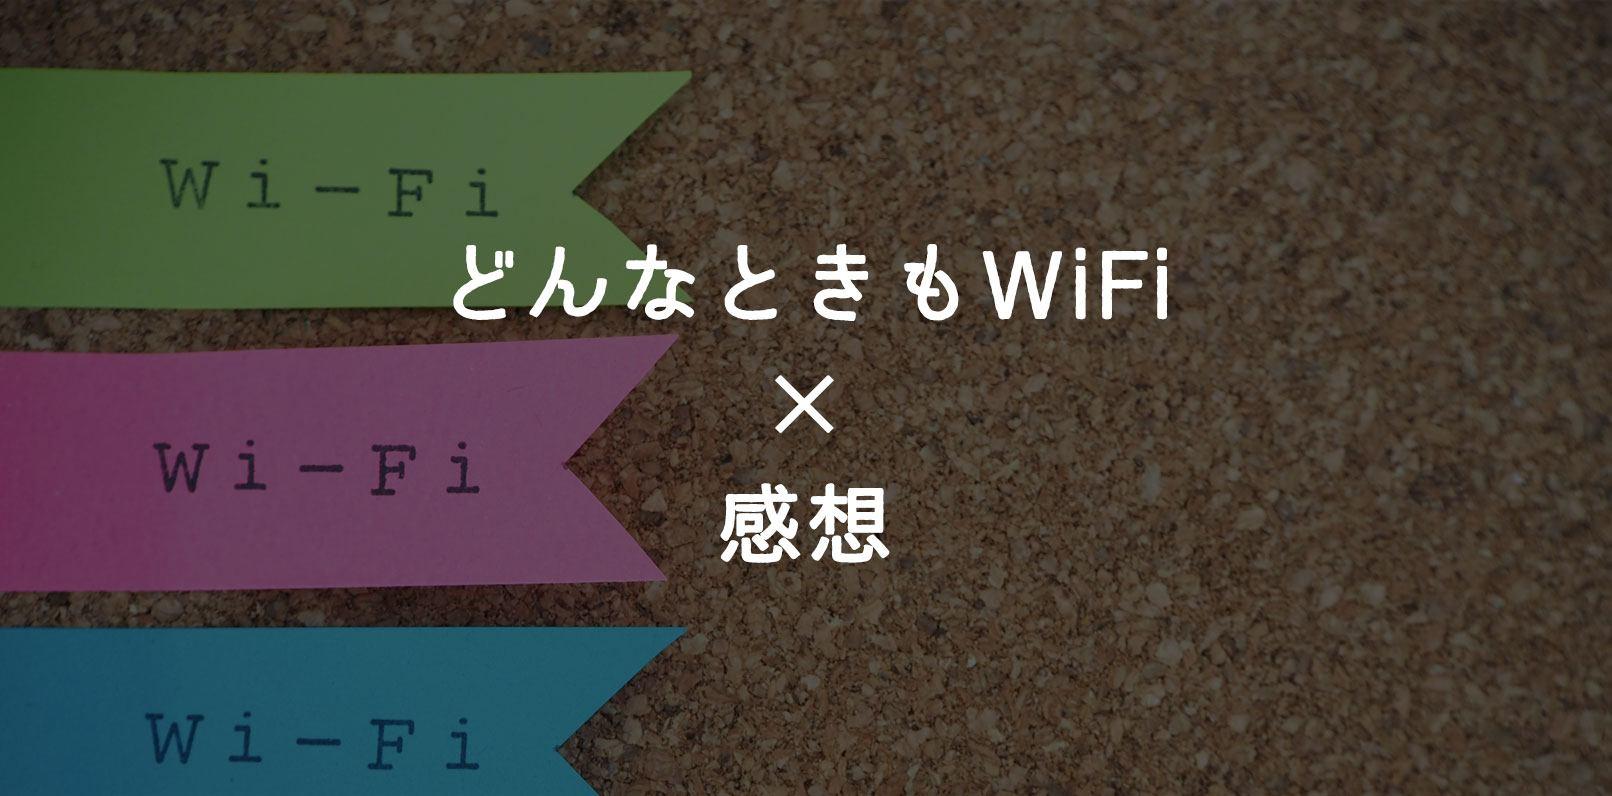 も どんな wifi とき